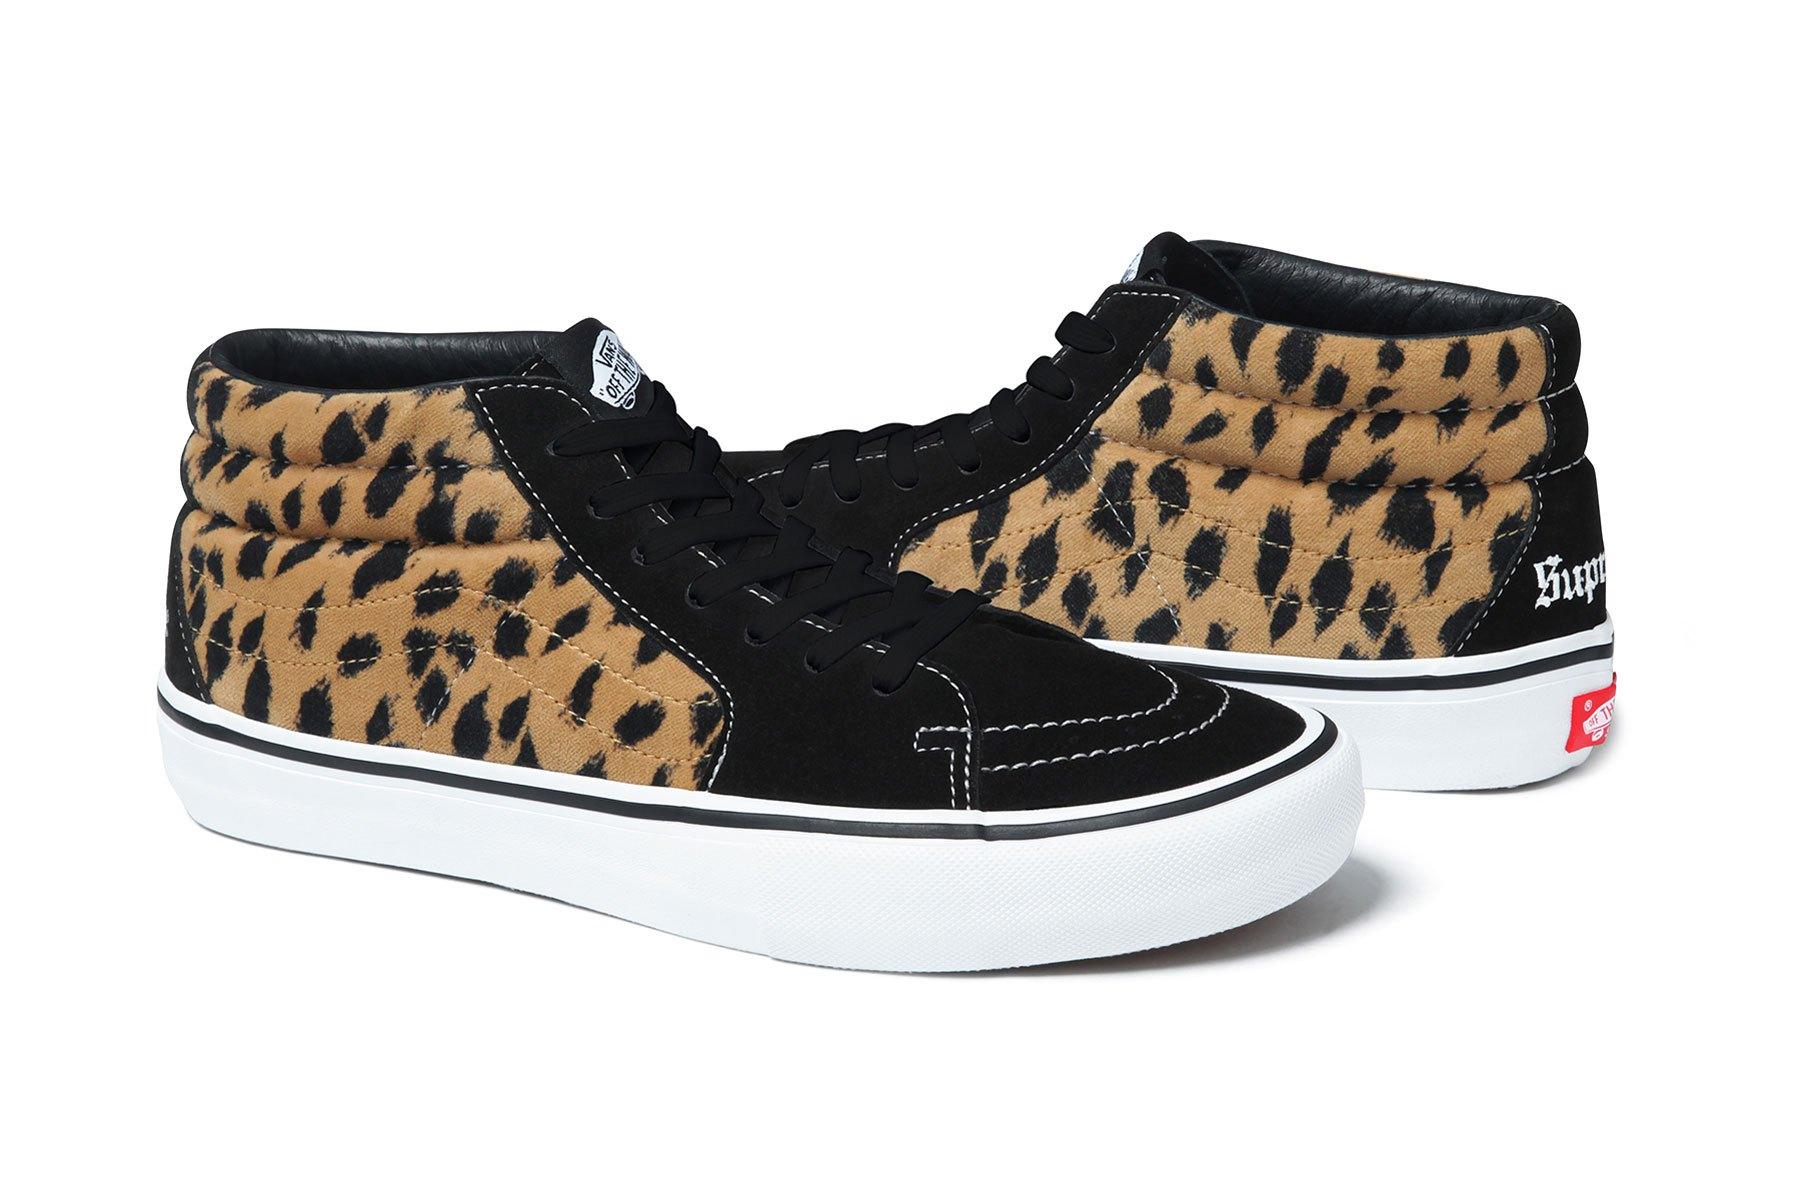 supreme-vans-2017-spring-summer-leopard-black-6